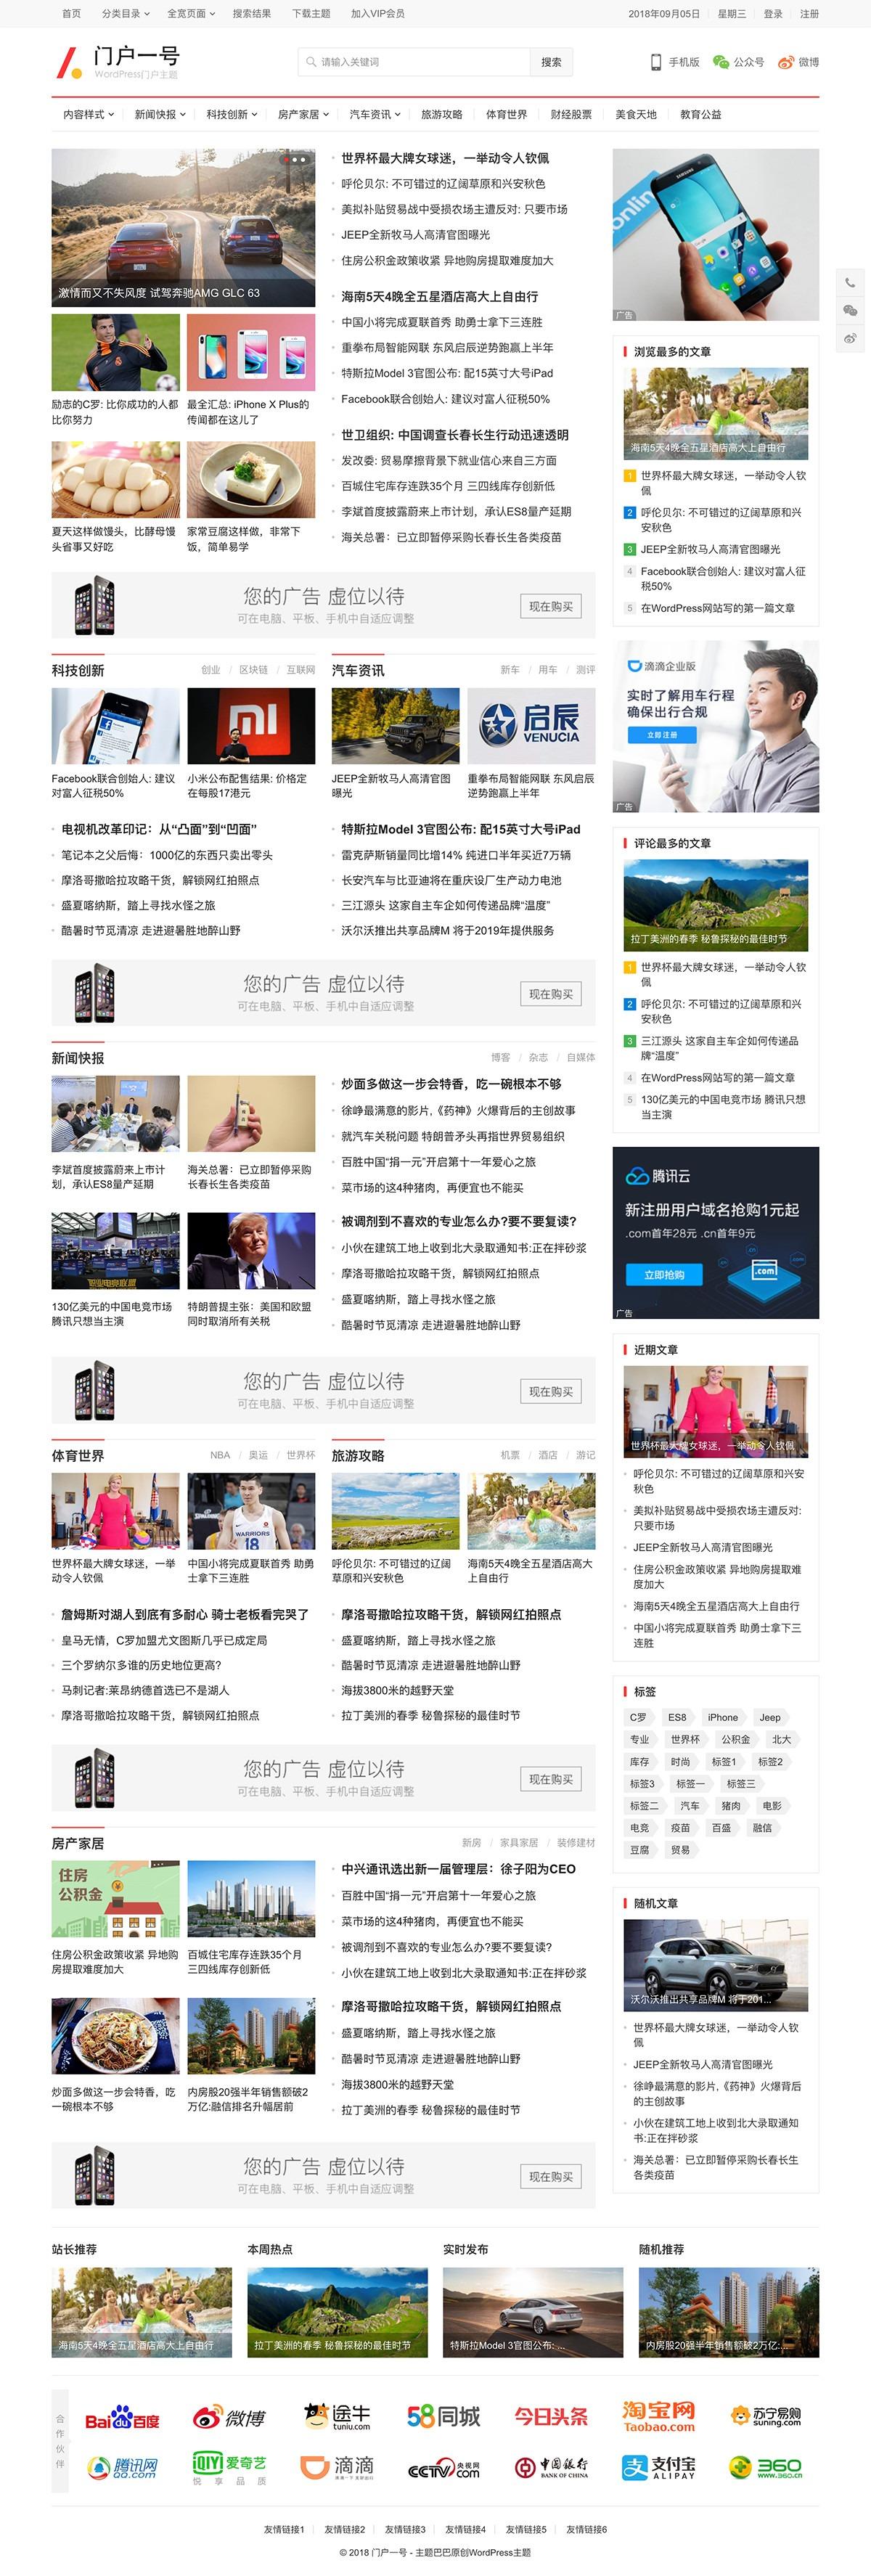 门户网站使用主题:门户一号主题-WordPress模板「自适应设计」